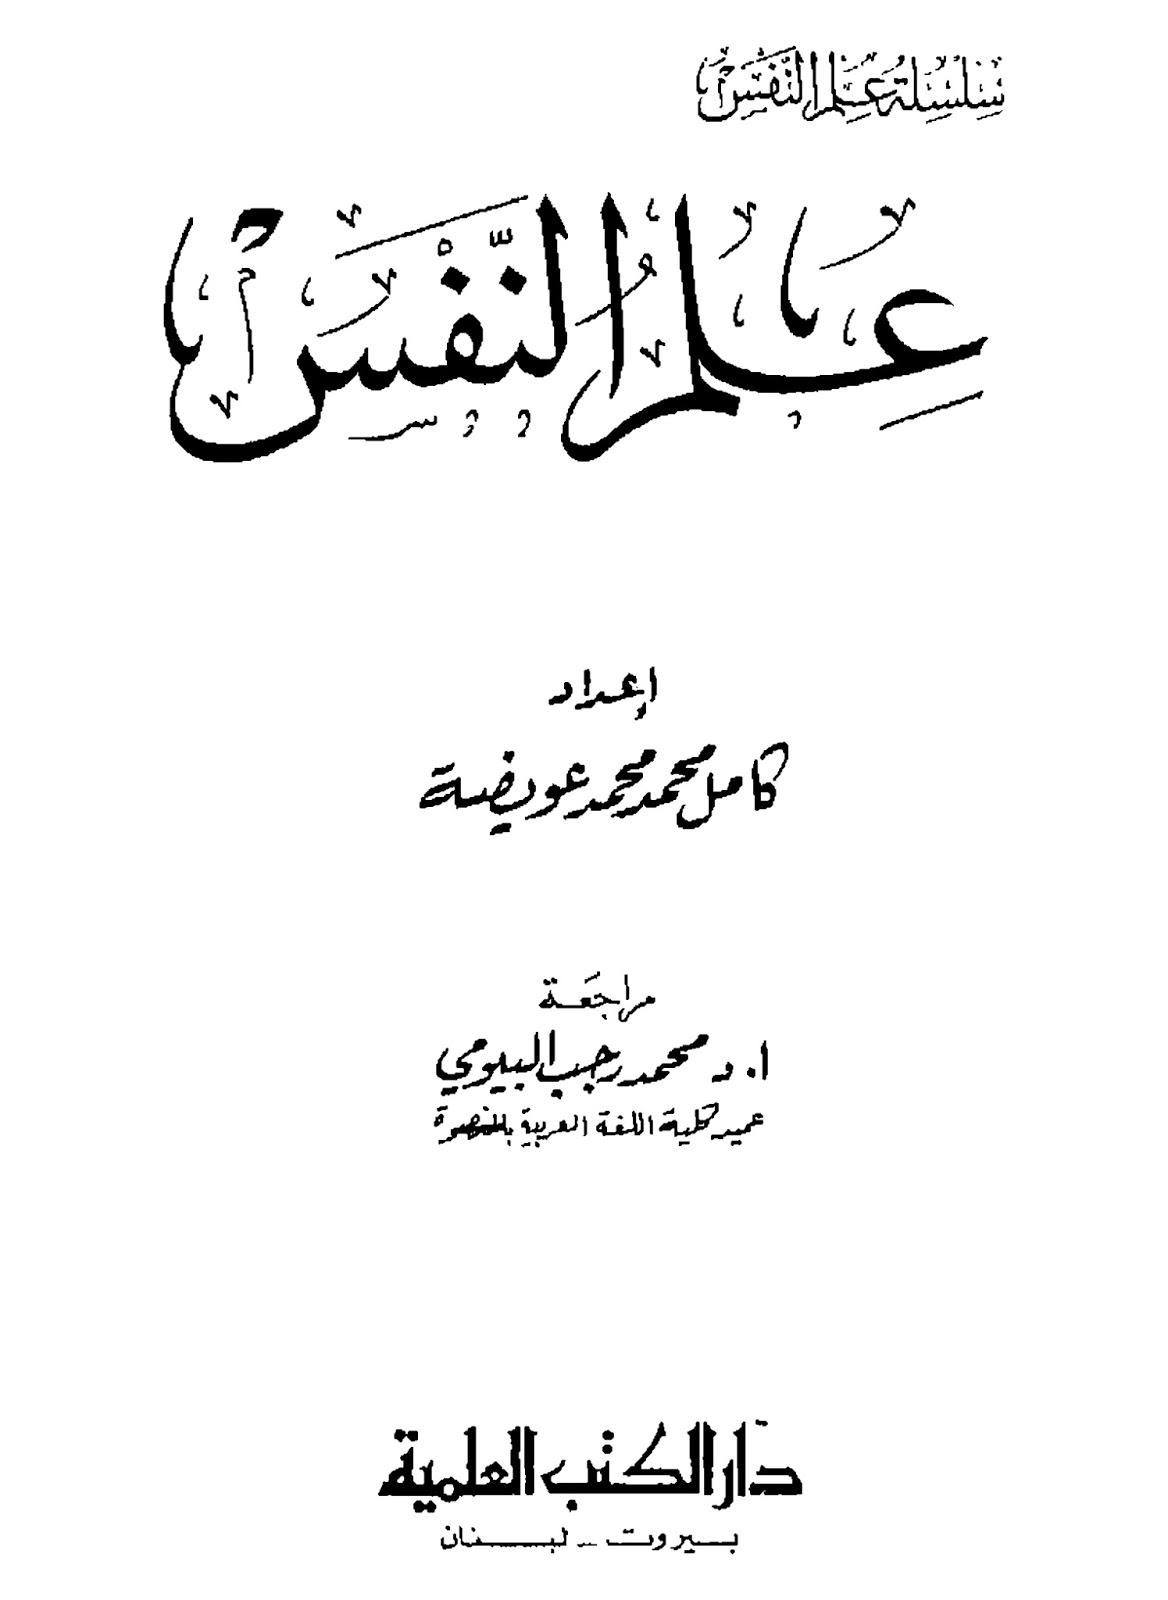 تحميل كتاب علم نفس الشخصية pdf تأليف كامل محمد محمد عويضة مجاناً | تحميل كتب pdf